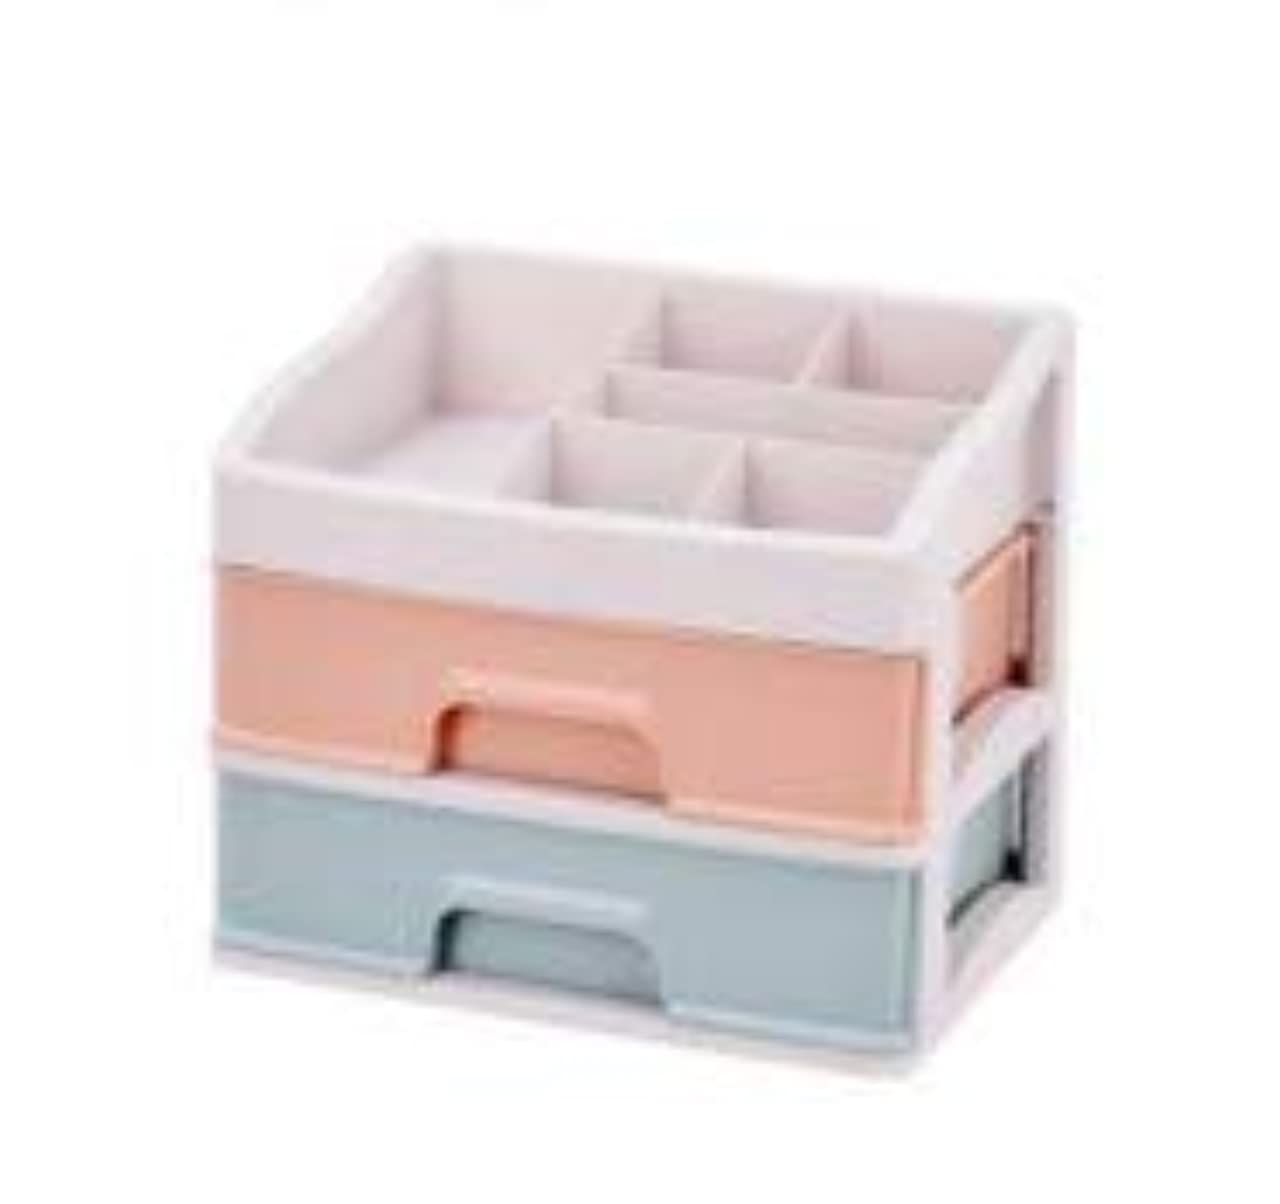 ローラー原稿適切な化粧品収納ボックス引き出しデスクトップ収納ラック化粧台化粧品ケーススキンケア製品 (Size : M)